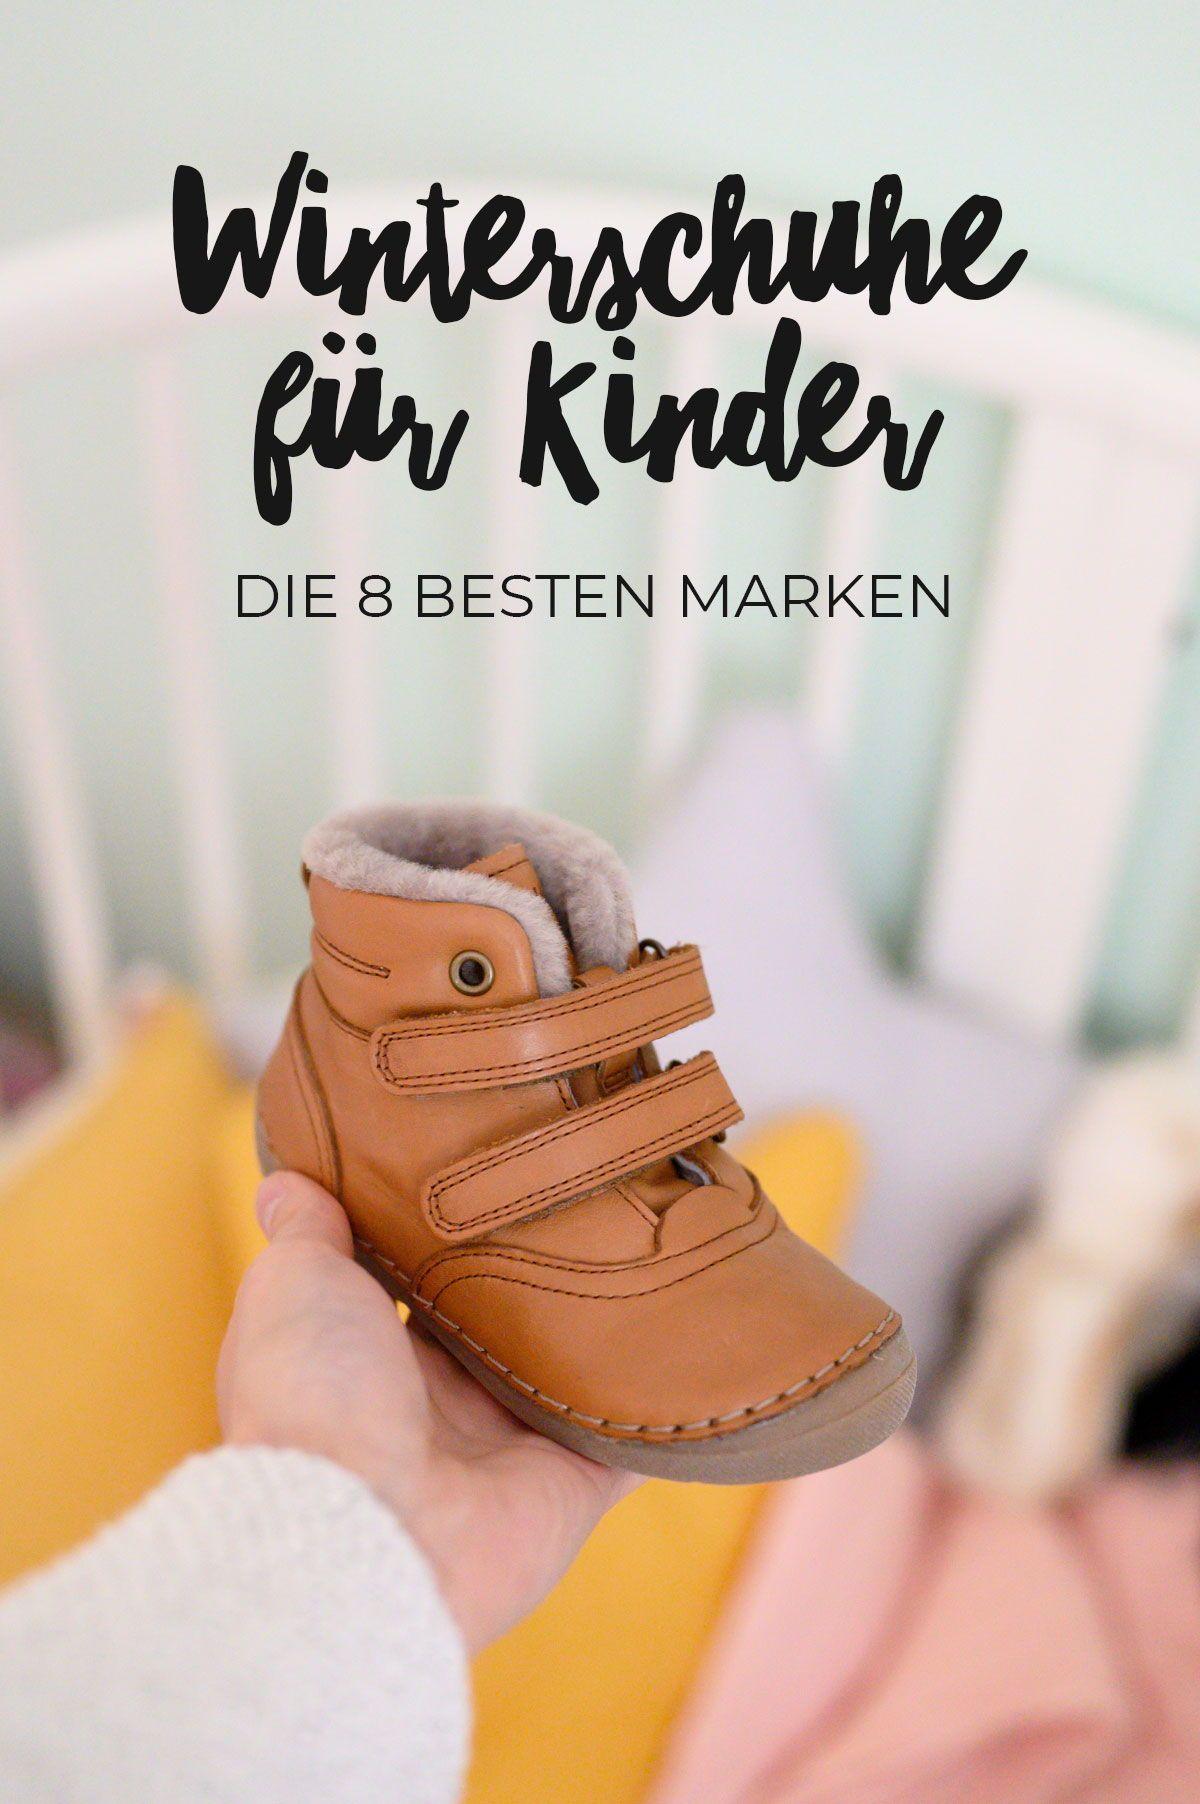 Kinder Die Schuhe WinterschuheGefütterte Im 8 Besten oeBrCdx